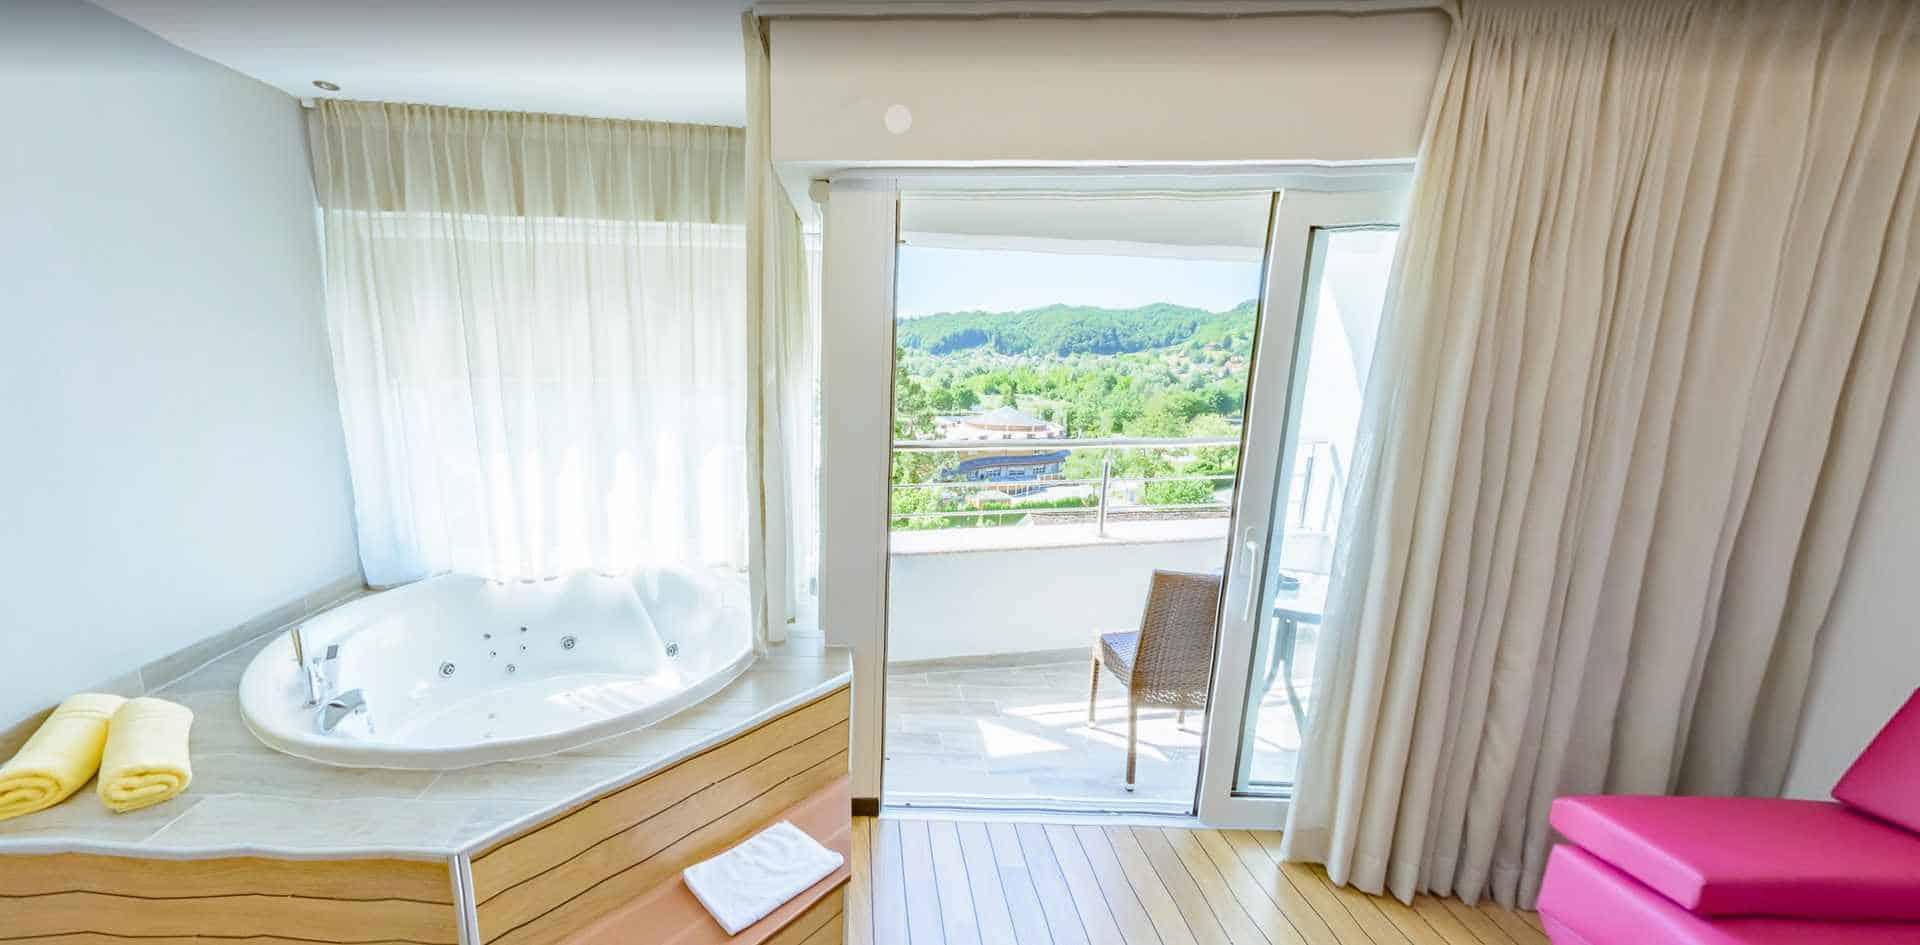 Virtualna šetnja Spa Premium Room - Hotel Villa Magdalena, Krapinske Toplice